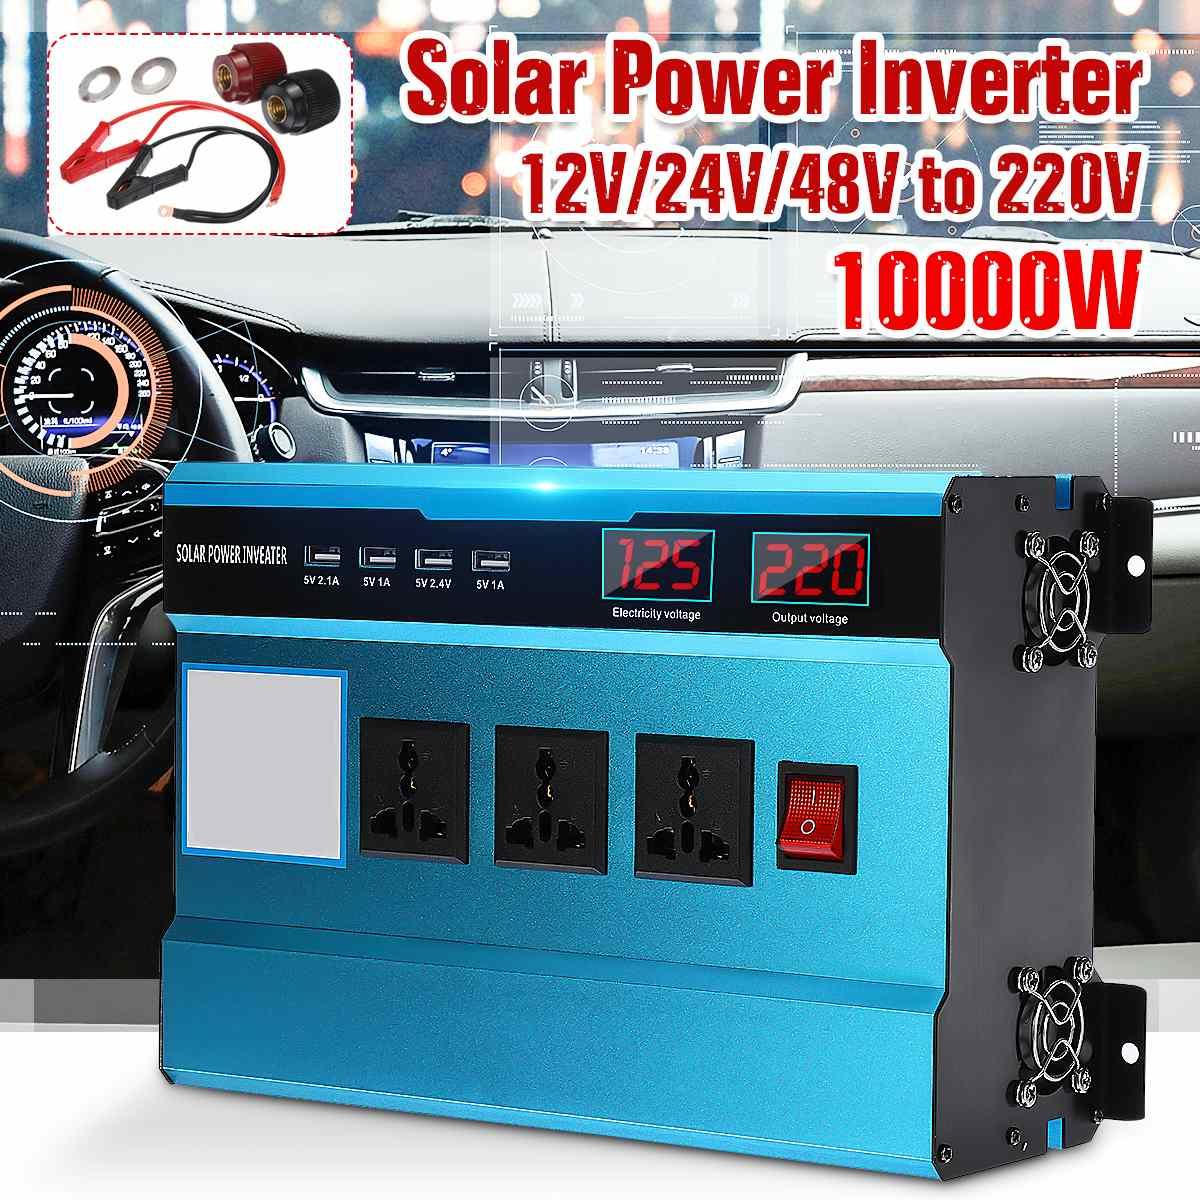 Car Solar Power Inverter 12V 24V 220V 10000W P eak Power Sine Wave Inverter with Fan 3 Charger Voltage Transformer Converter|Car Inverters| |  - title=